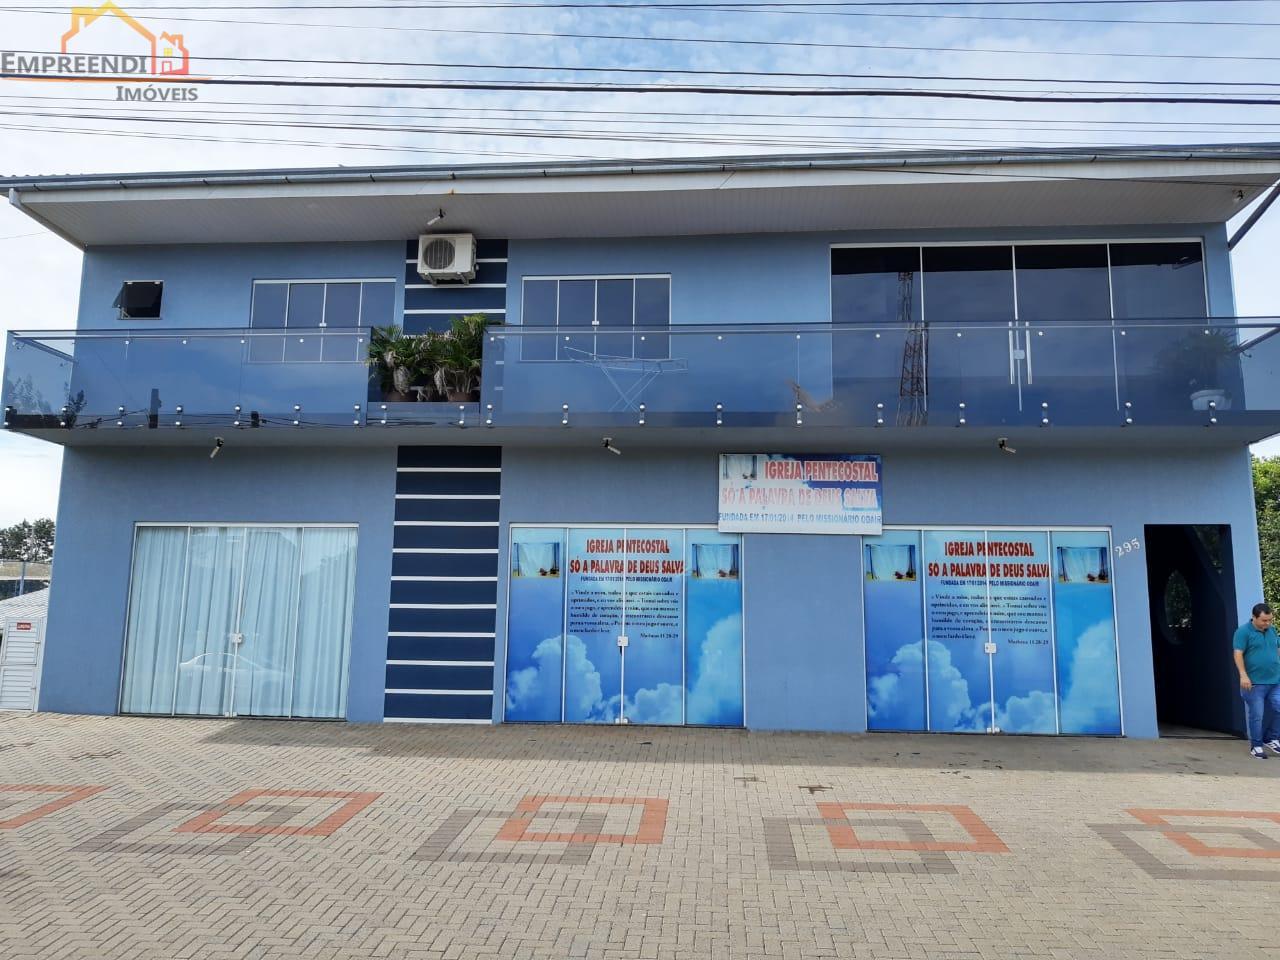 Sobrado com 3 dormitórios à venda, ALVORADA, PATO BRANCO - PR